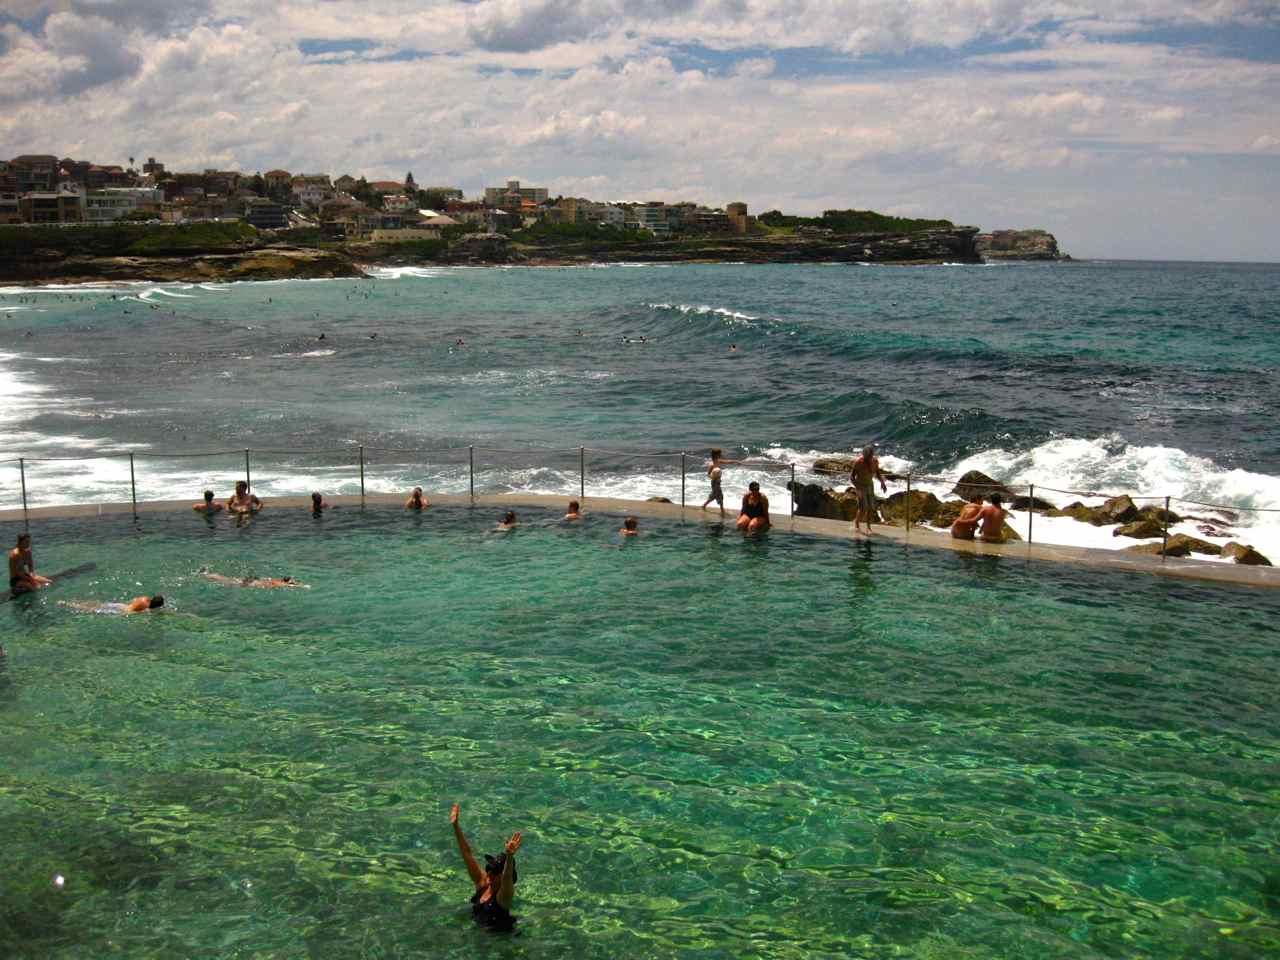 Bronte Beach Pool - Sydney Beaches   www.rtwgirl.com